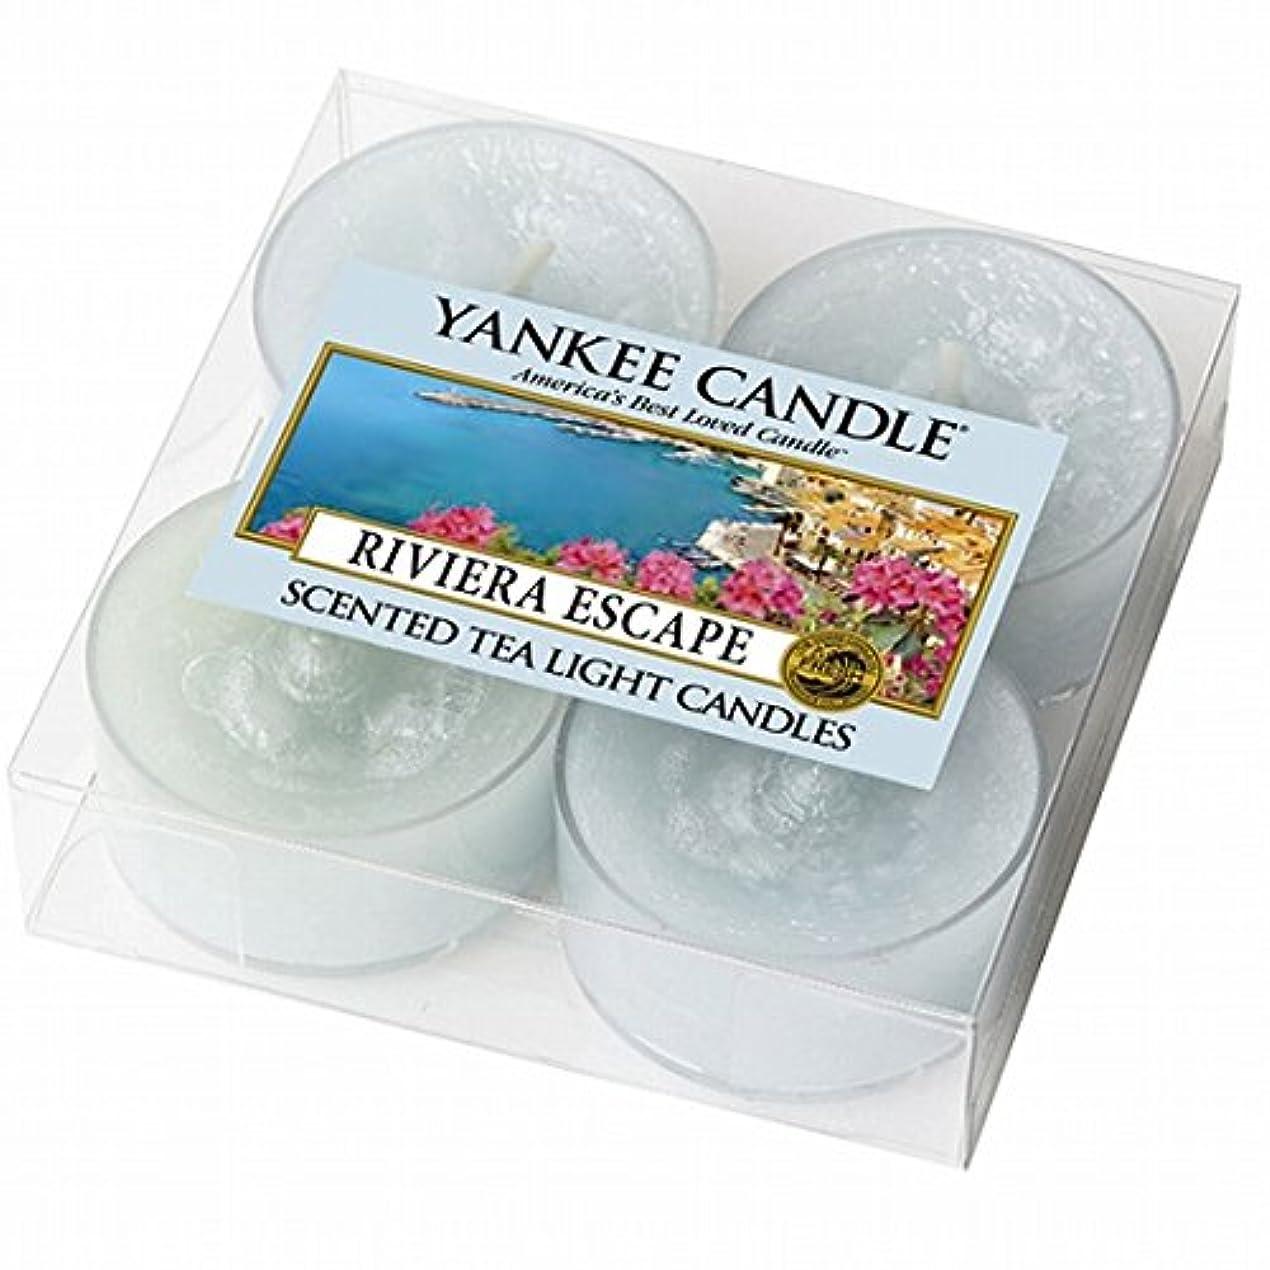 郵便番号検出速度YANKEE CANDLE(ヤンキーキャンドル) YANKEE CANDLE クリアカップティーライト4個入り 「リビエラエスケープ」(K00205276)